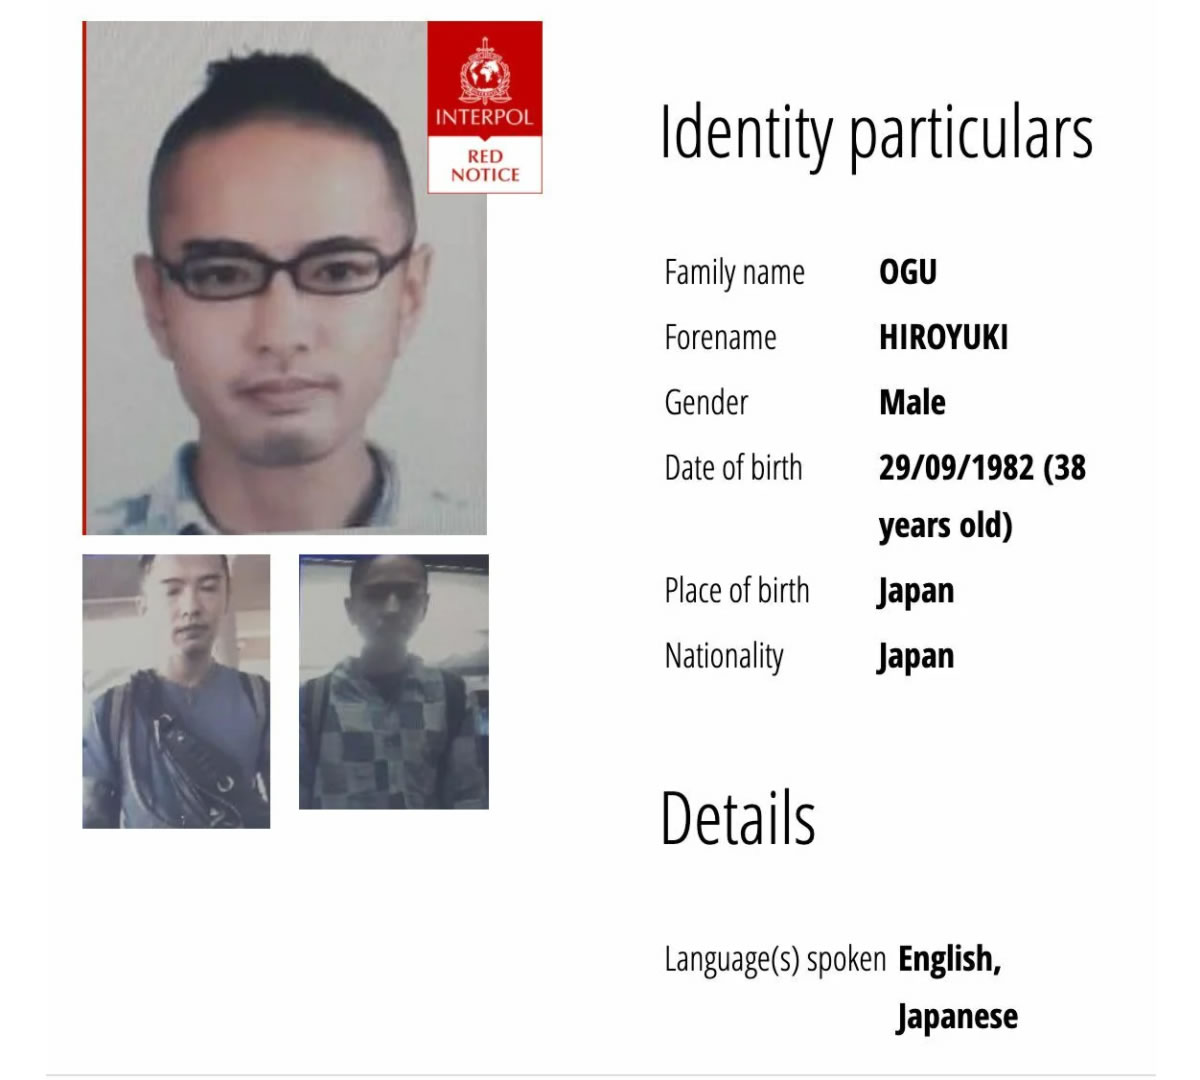 ノルウェー人女性を殺害したとされる尾久宏幸容疑者は今もタイで自由に暮らしている?